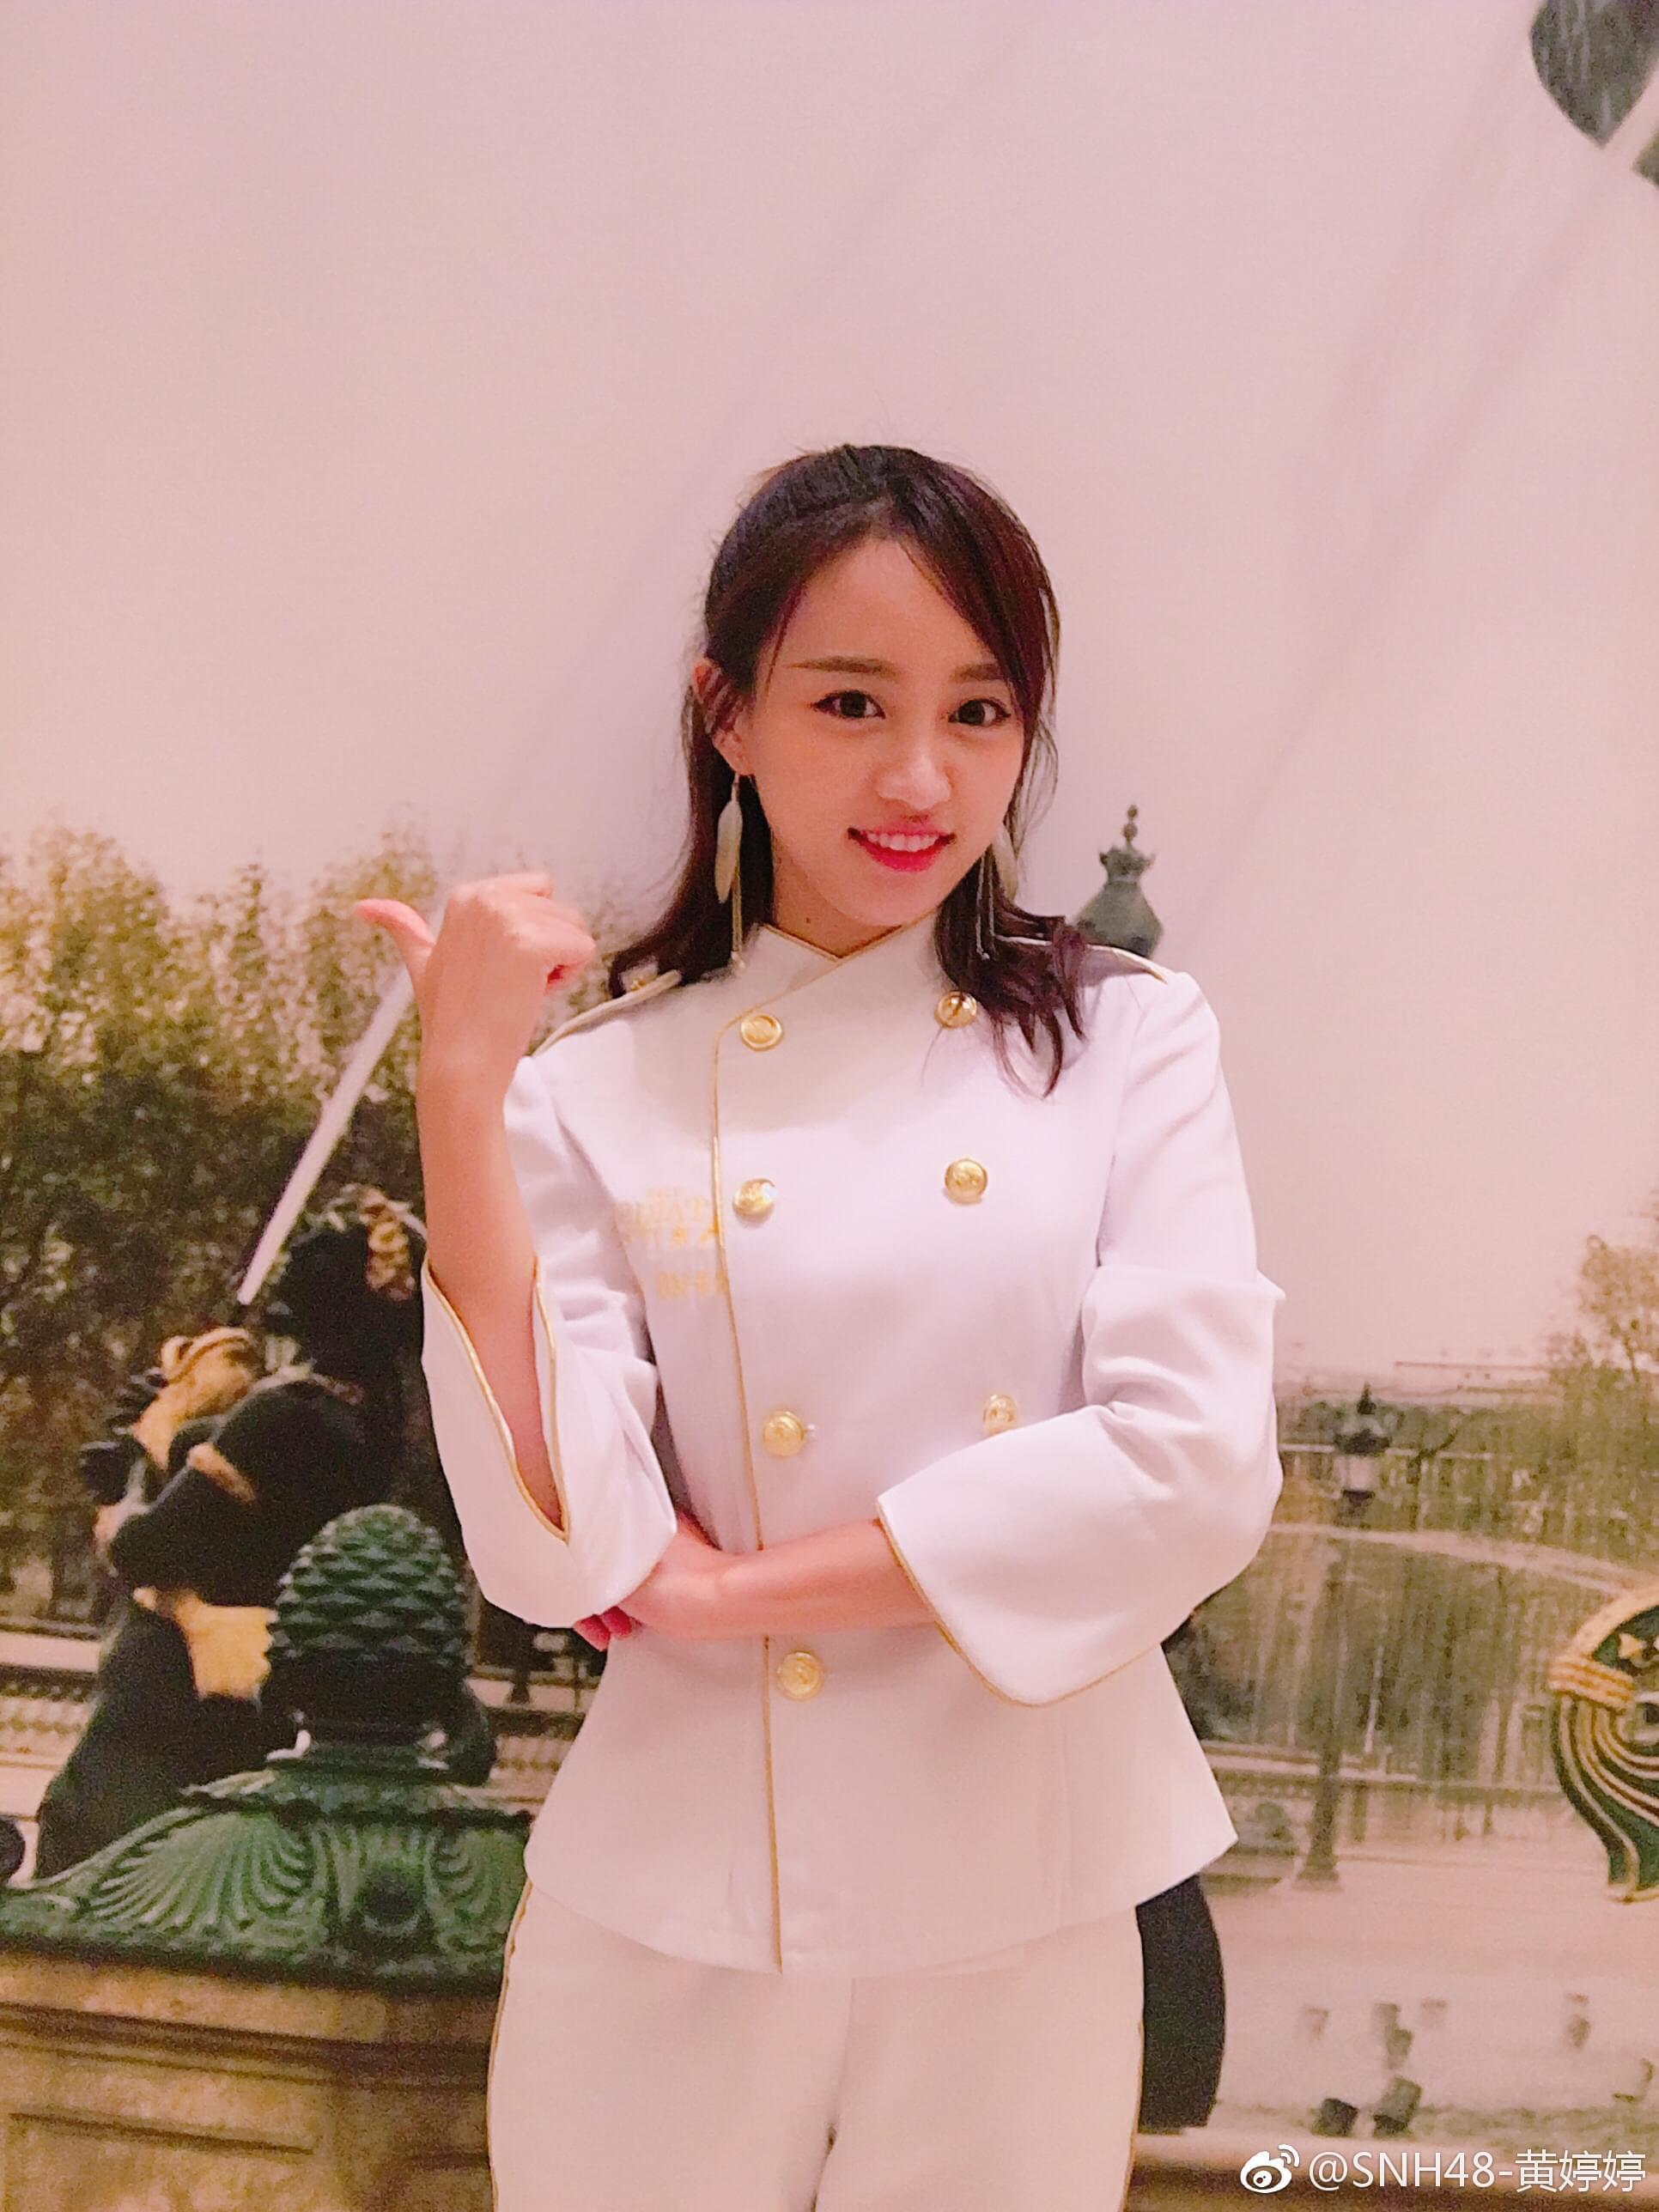 SNH48黄婷婷水壶煮方便面 粉丝:没烧掉酒店